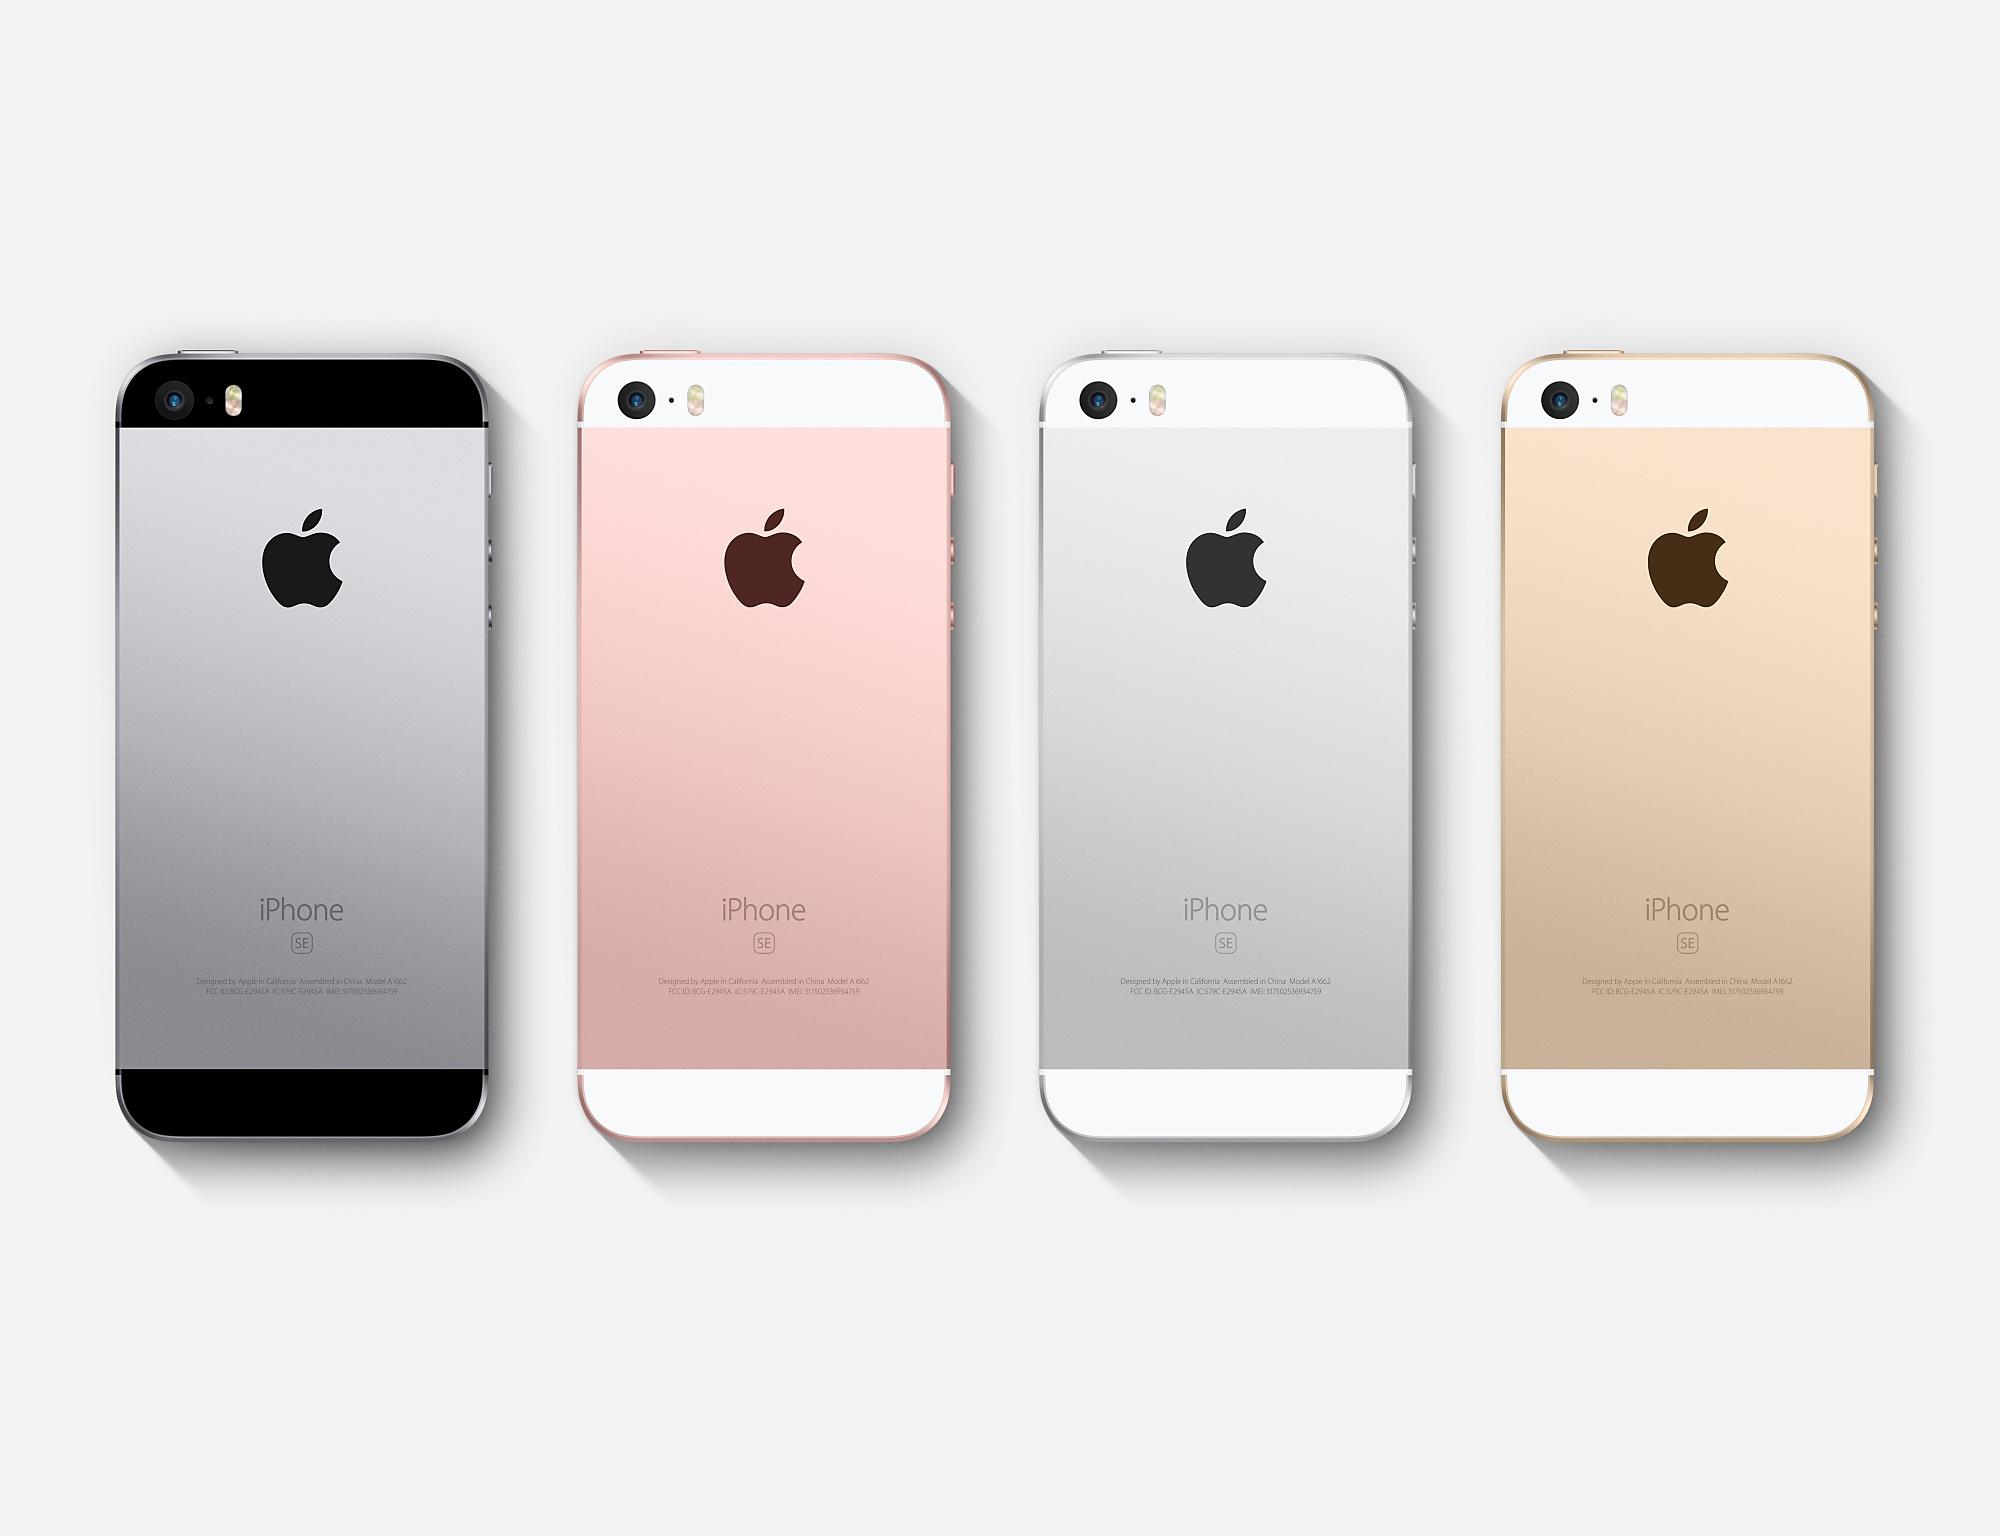 iPhone SE : faut-il craquer pour le plus petit et moins cher des iPhone actuels ?